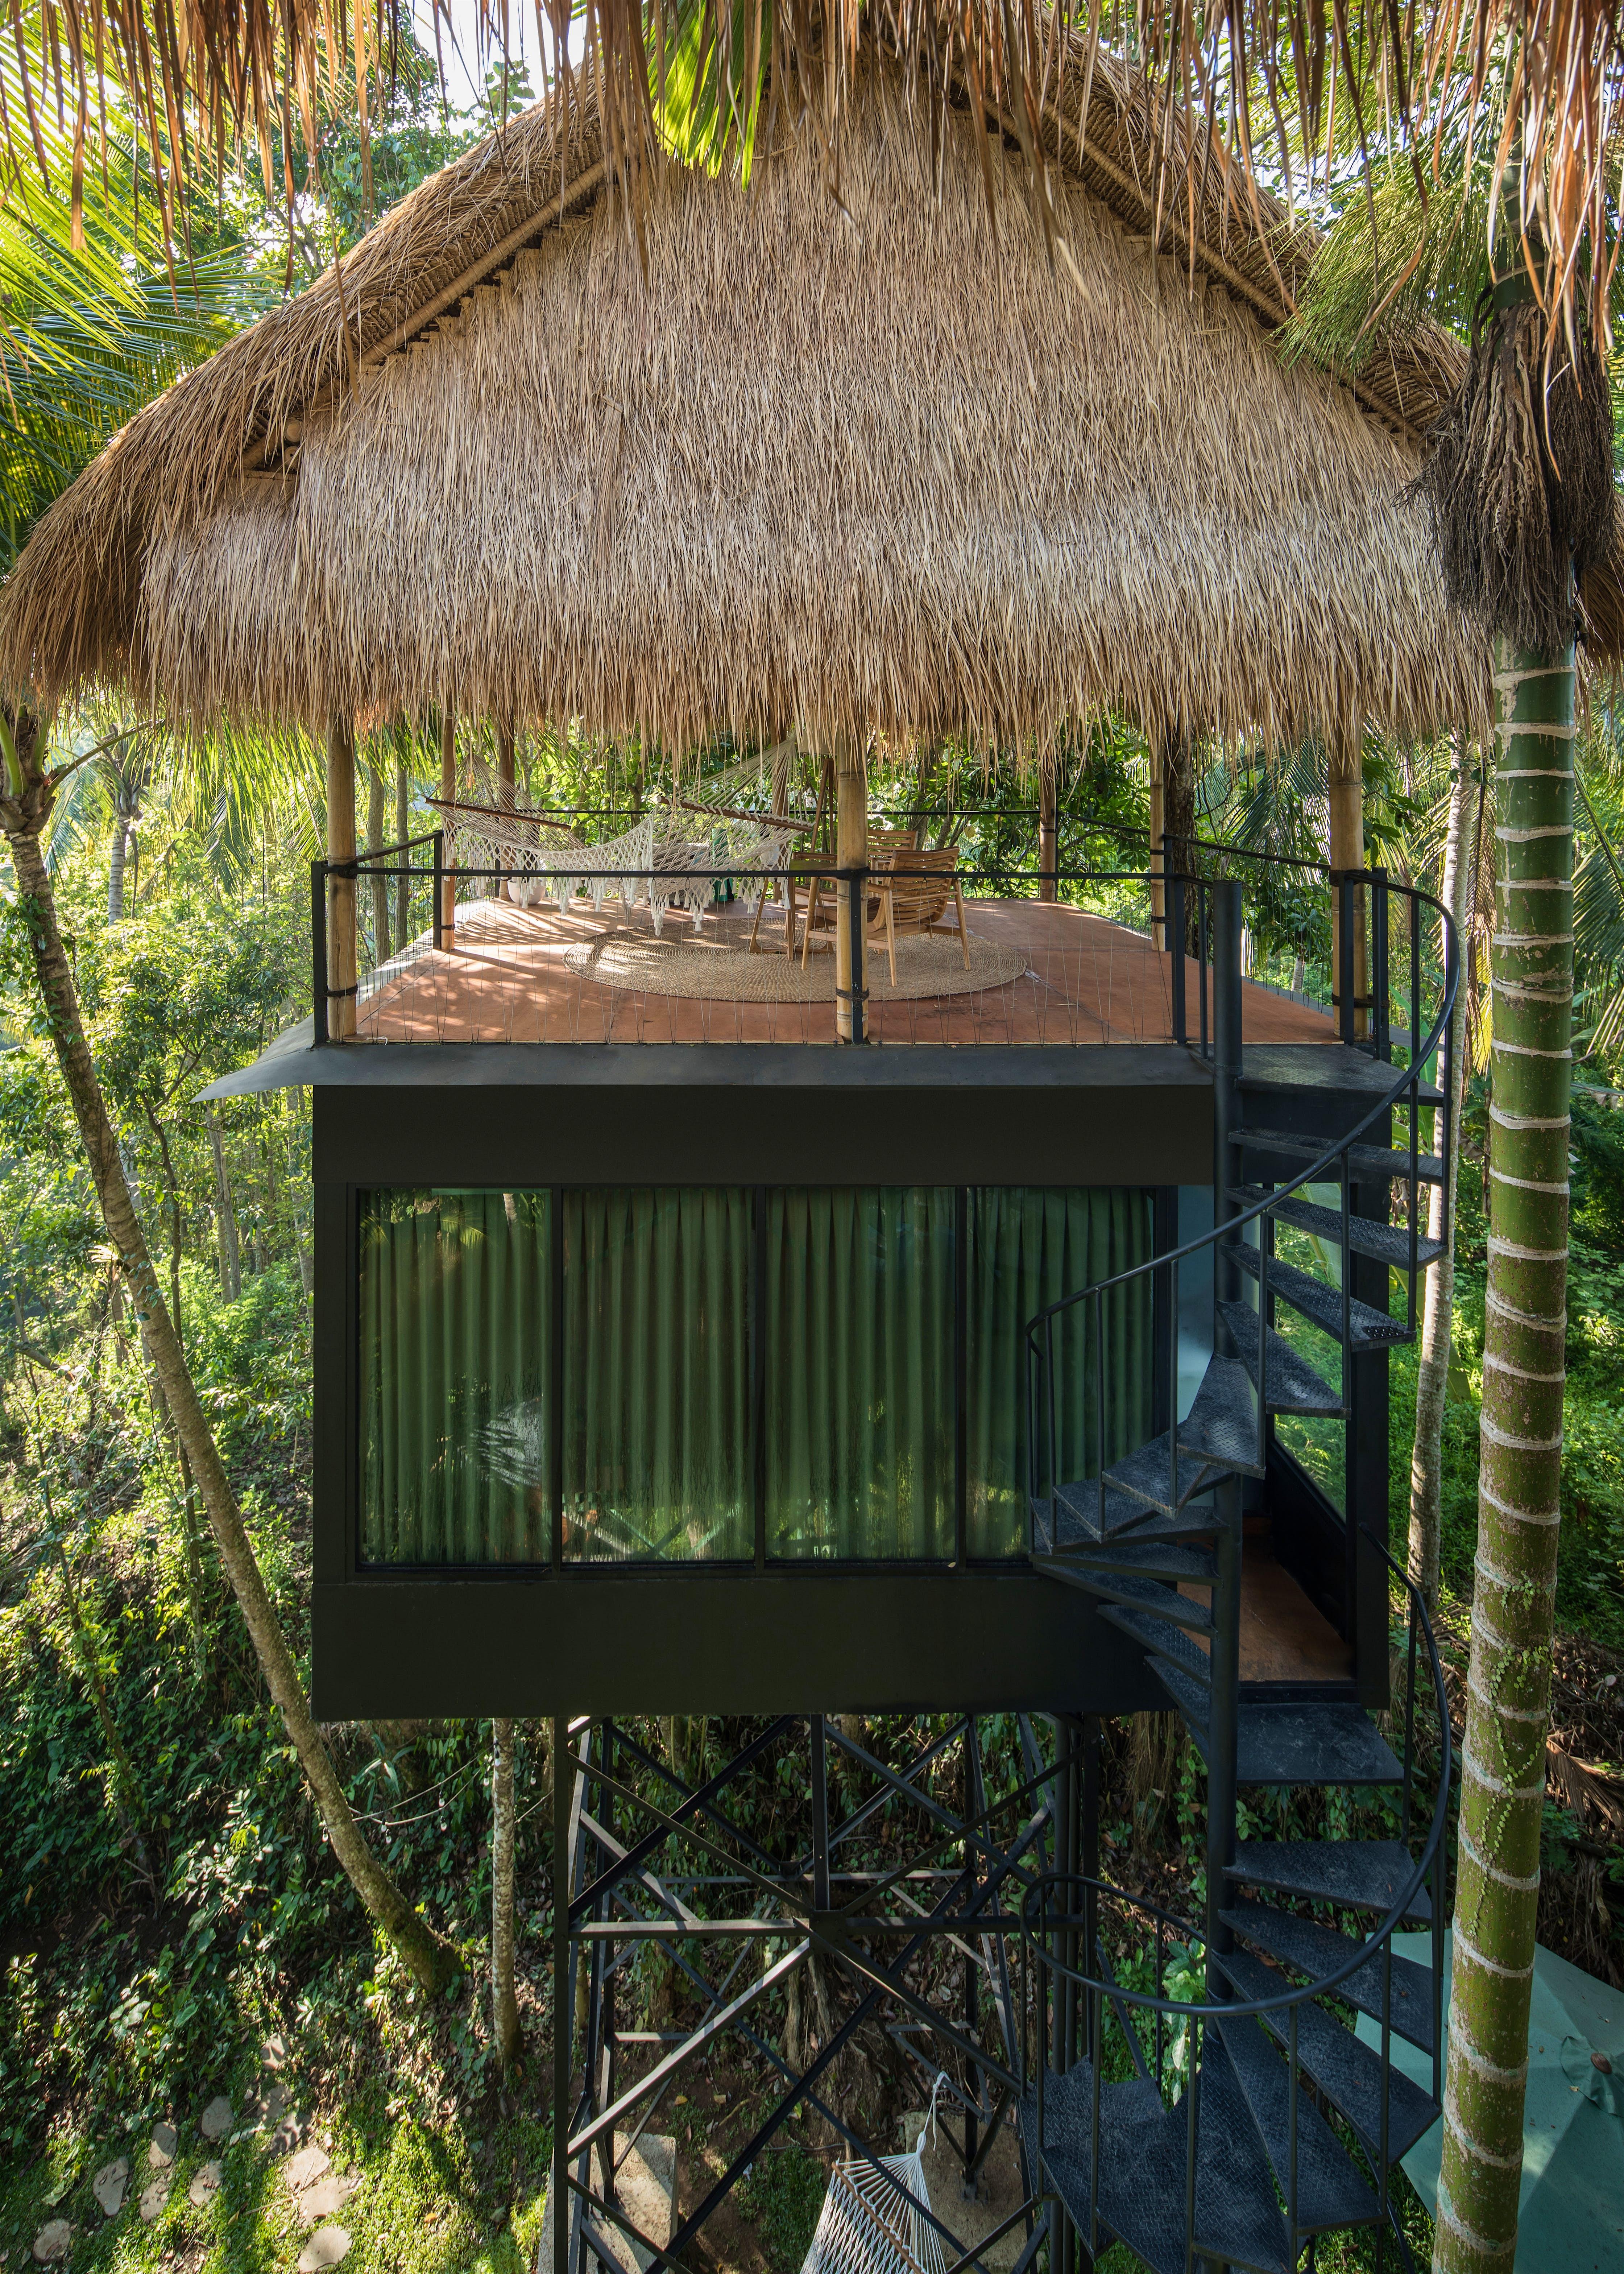 Decks de bambu de uma pousada ecológica nas copas das árvores em Bali